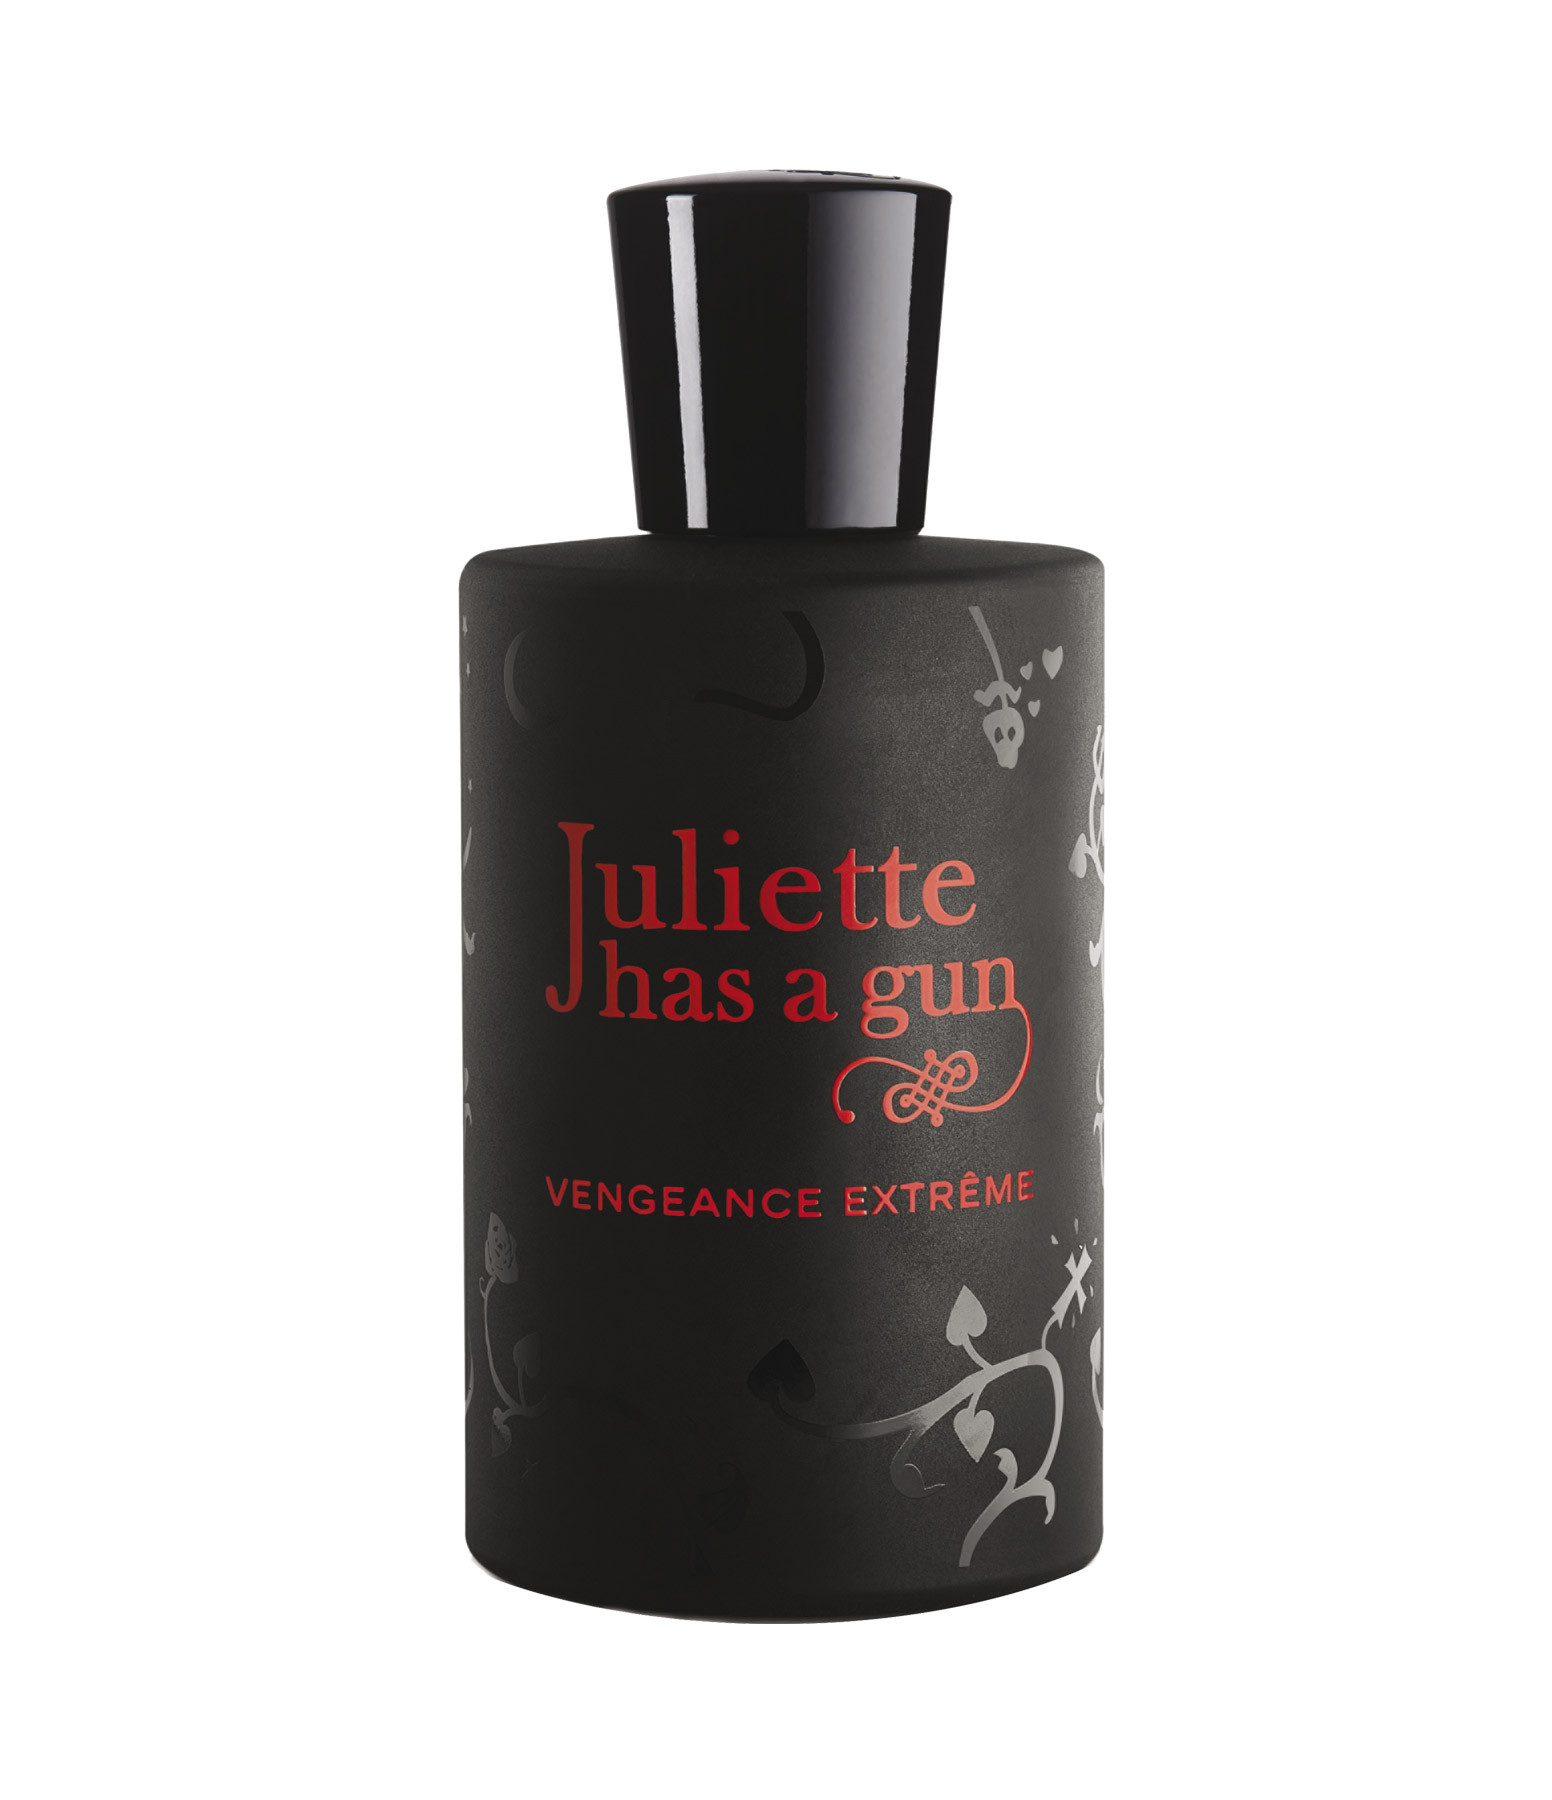 JULIETTE HAS A GUN - Eau de Parfum Vengeance Extreme 100 ml